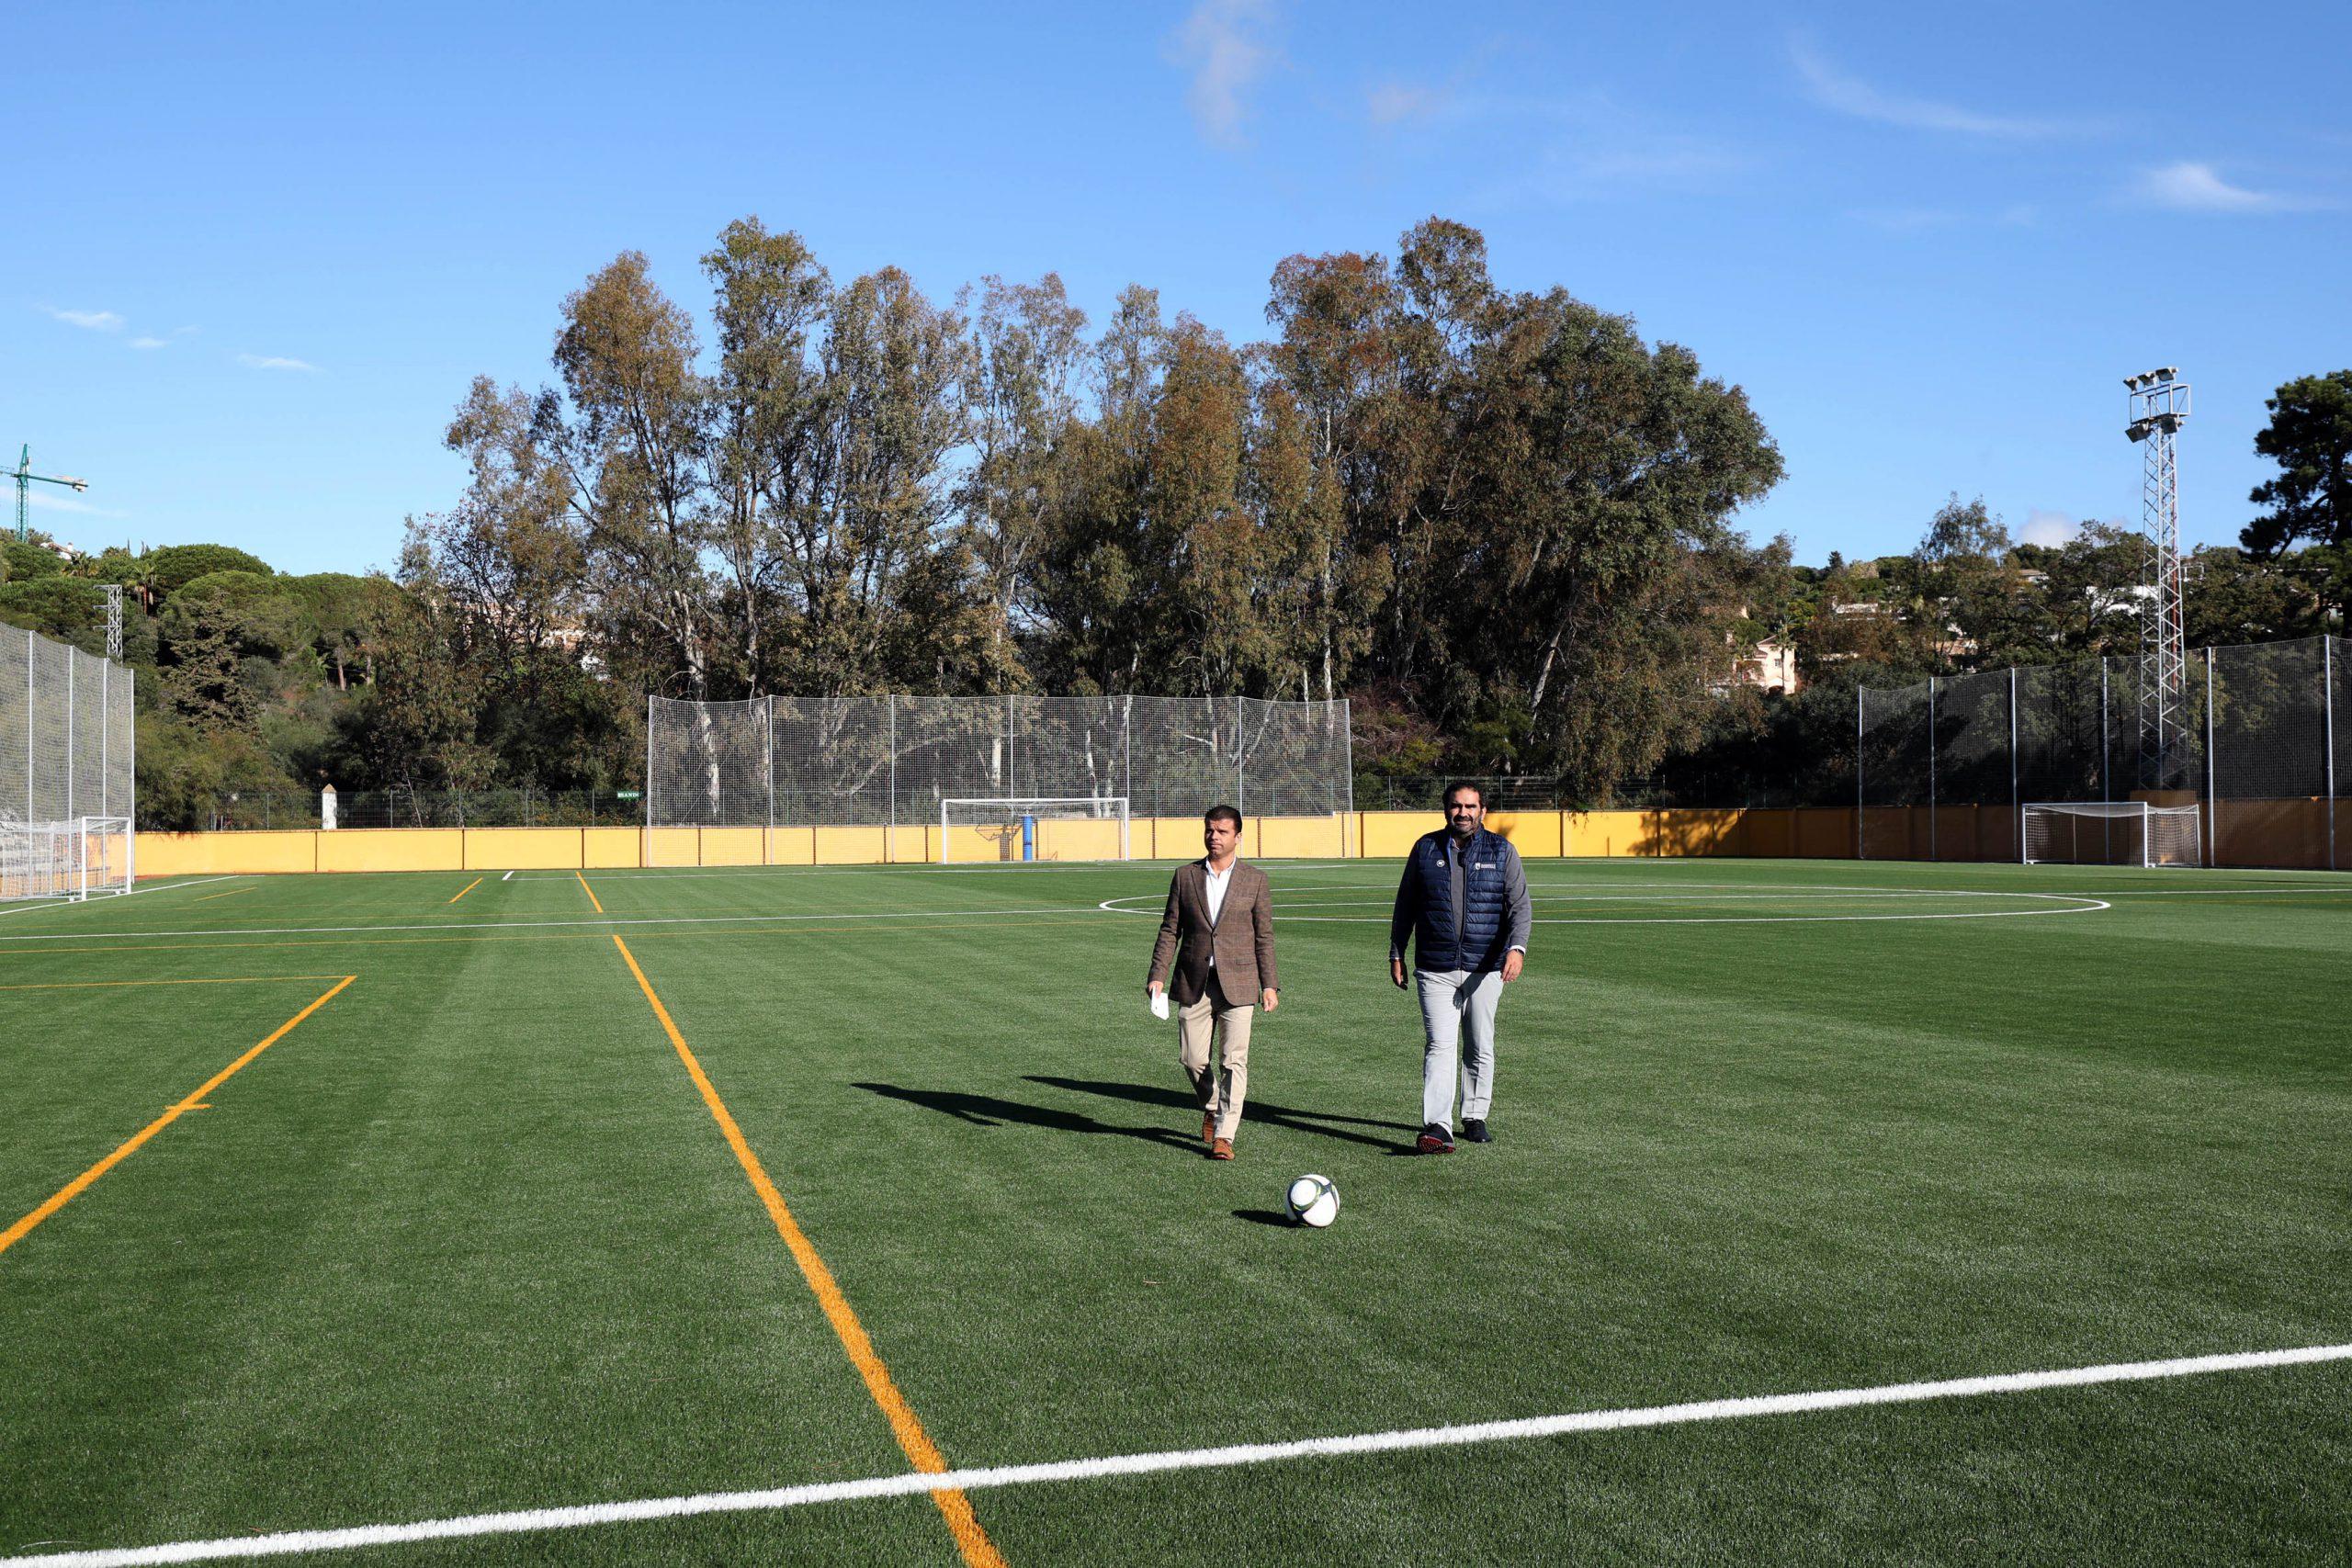 El Ayuntamiento ha acometido la renovación integral del campo de fútbol del Estadio Santa María de Las Chapas